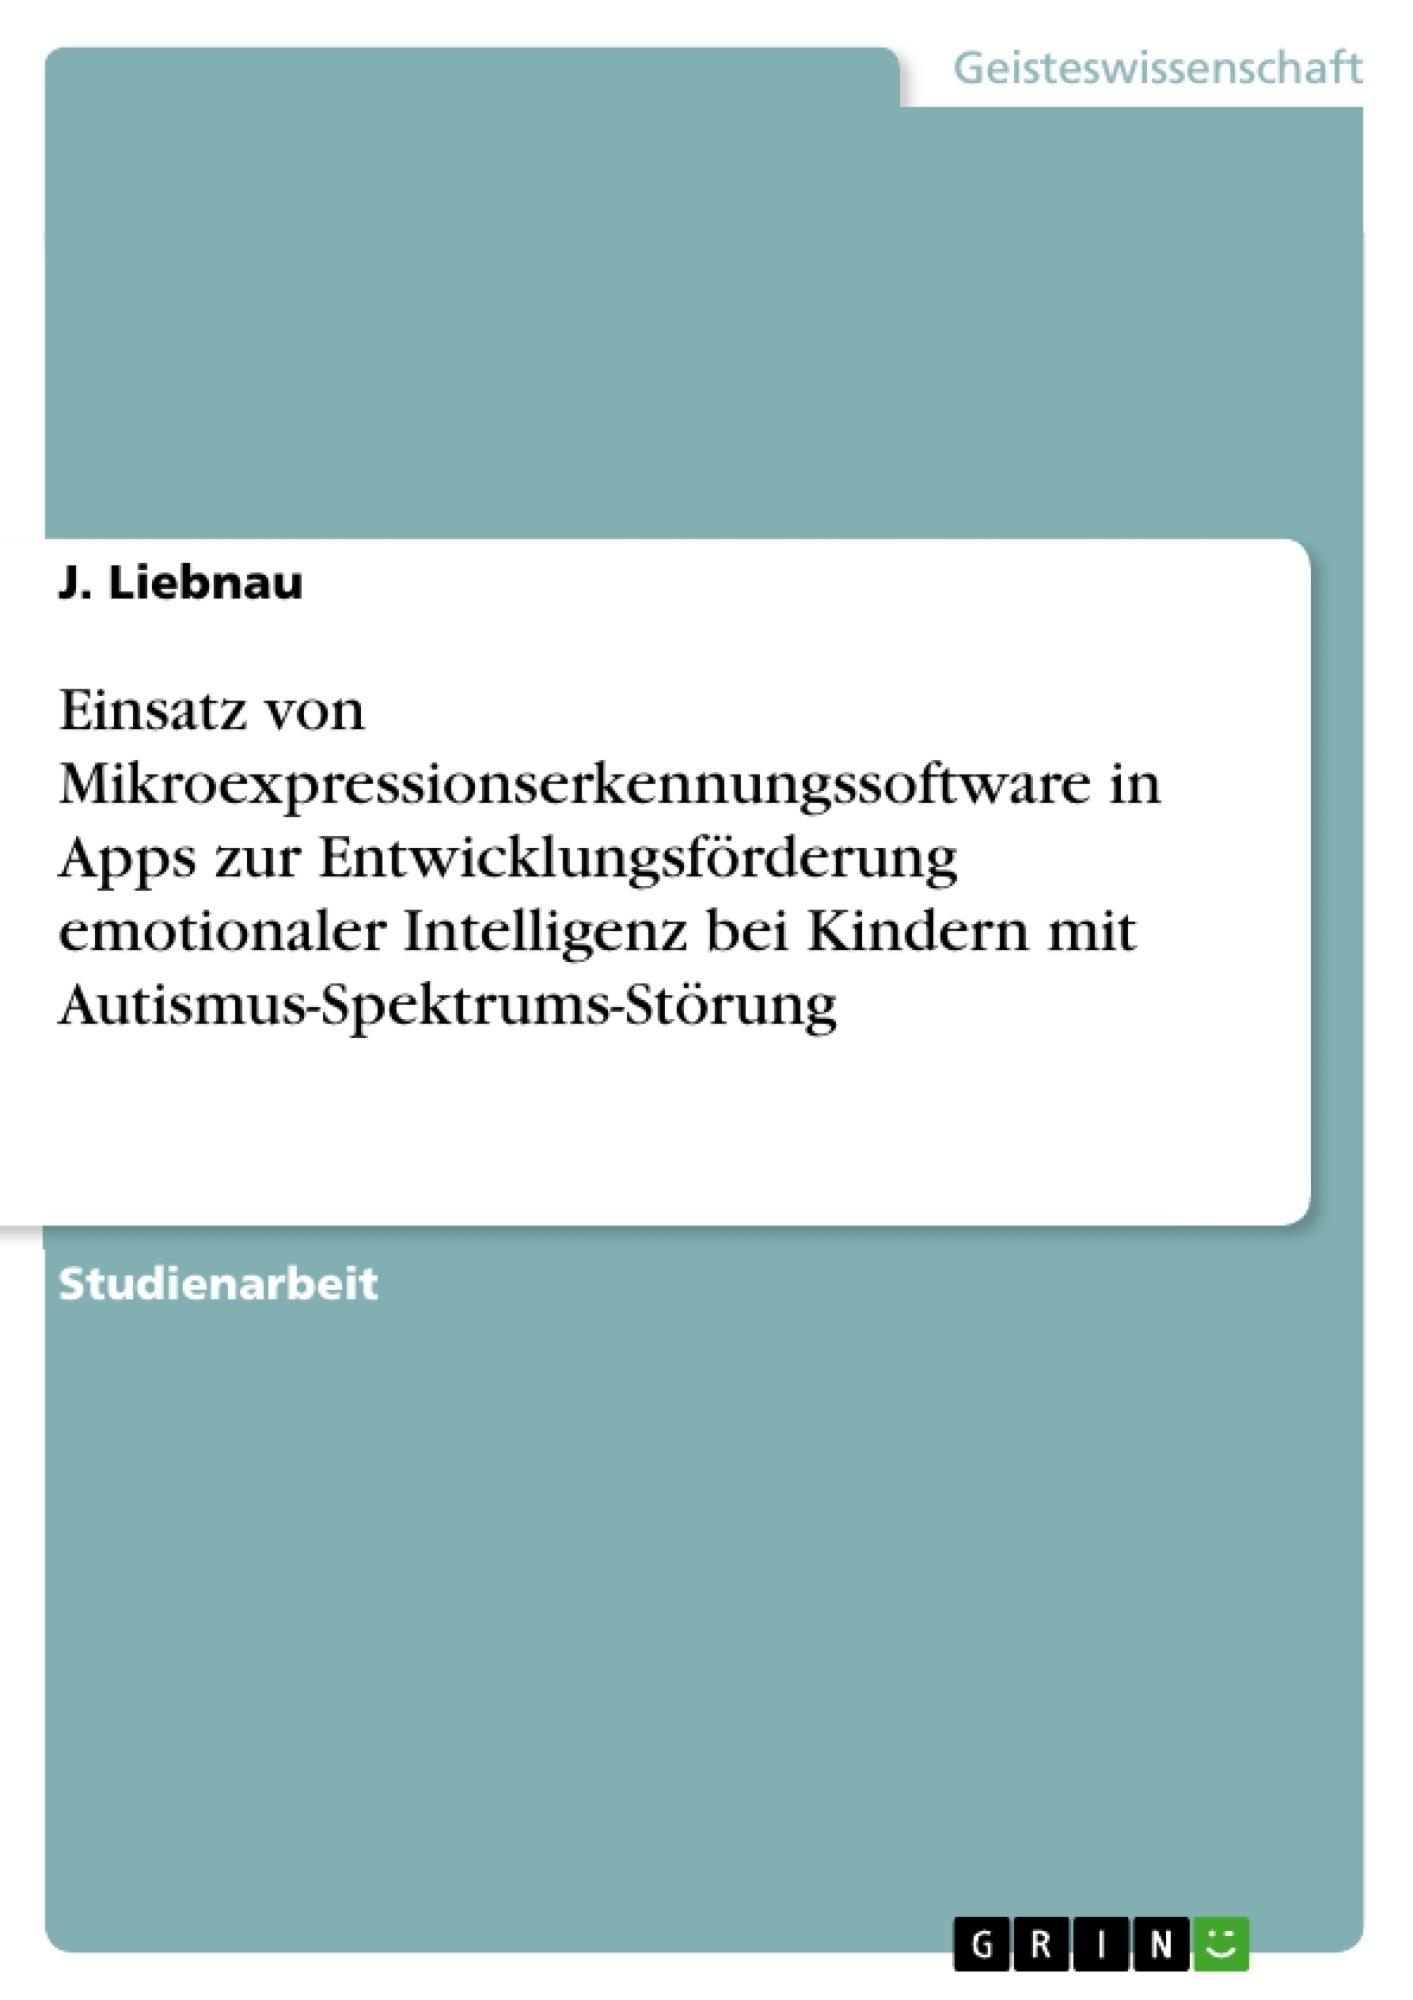 Titel: Einsatz von Mikroexpressionserkennungssoftware in Apps zur Entwicklungsförderung emotionaler Intelligenz bei Kindern mit Autismus-Spektrums-Störung